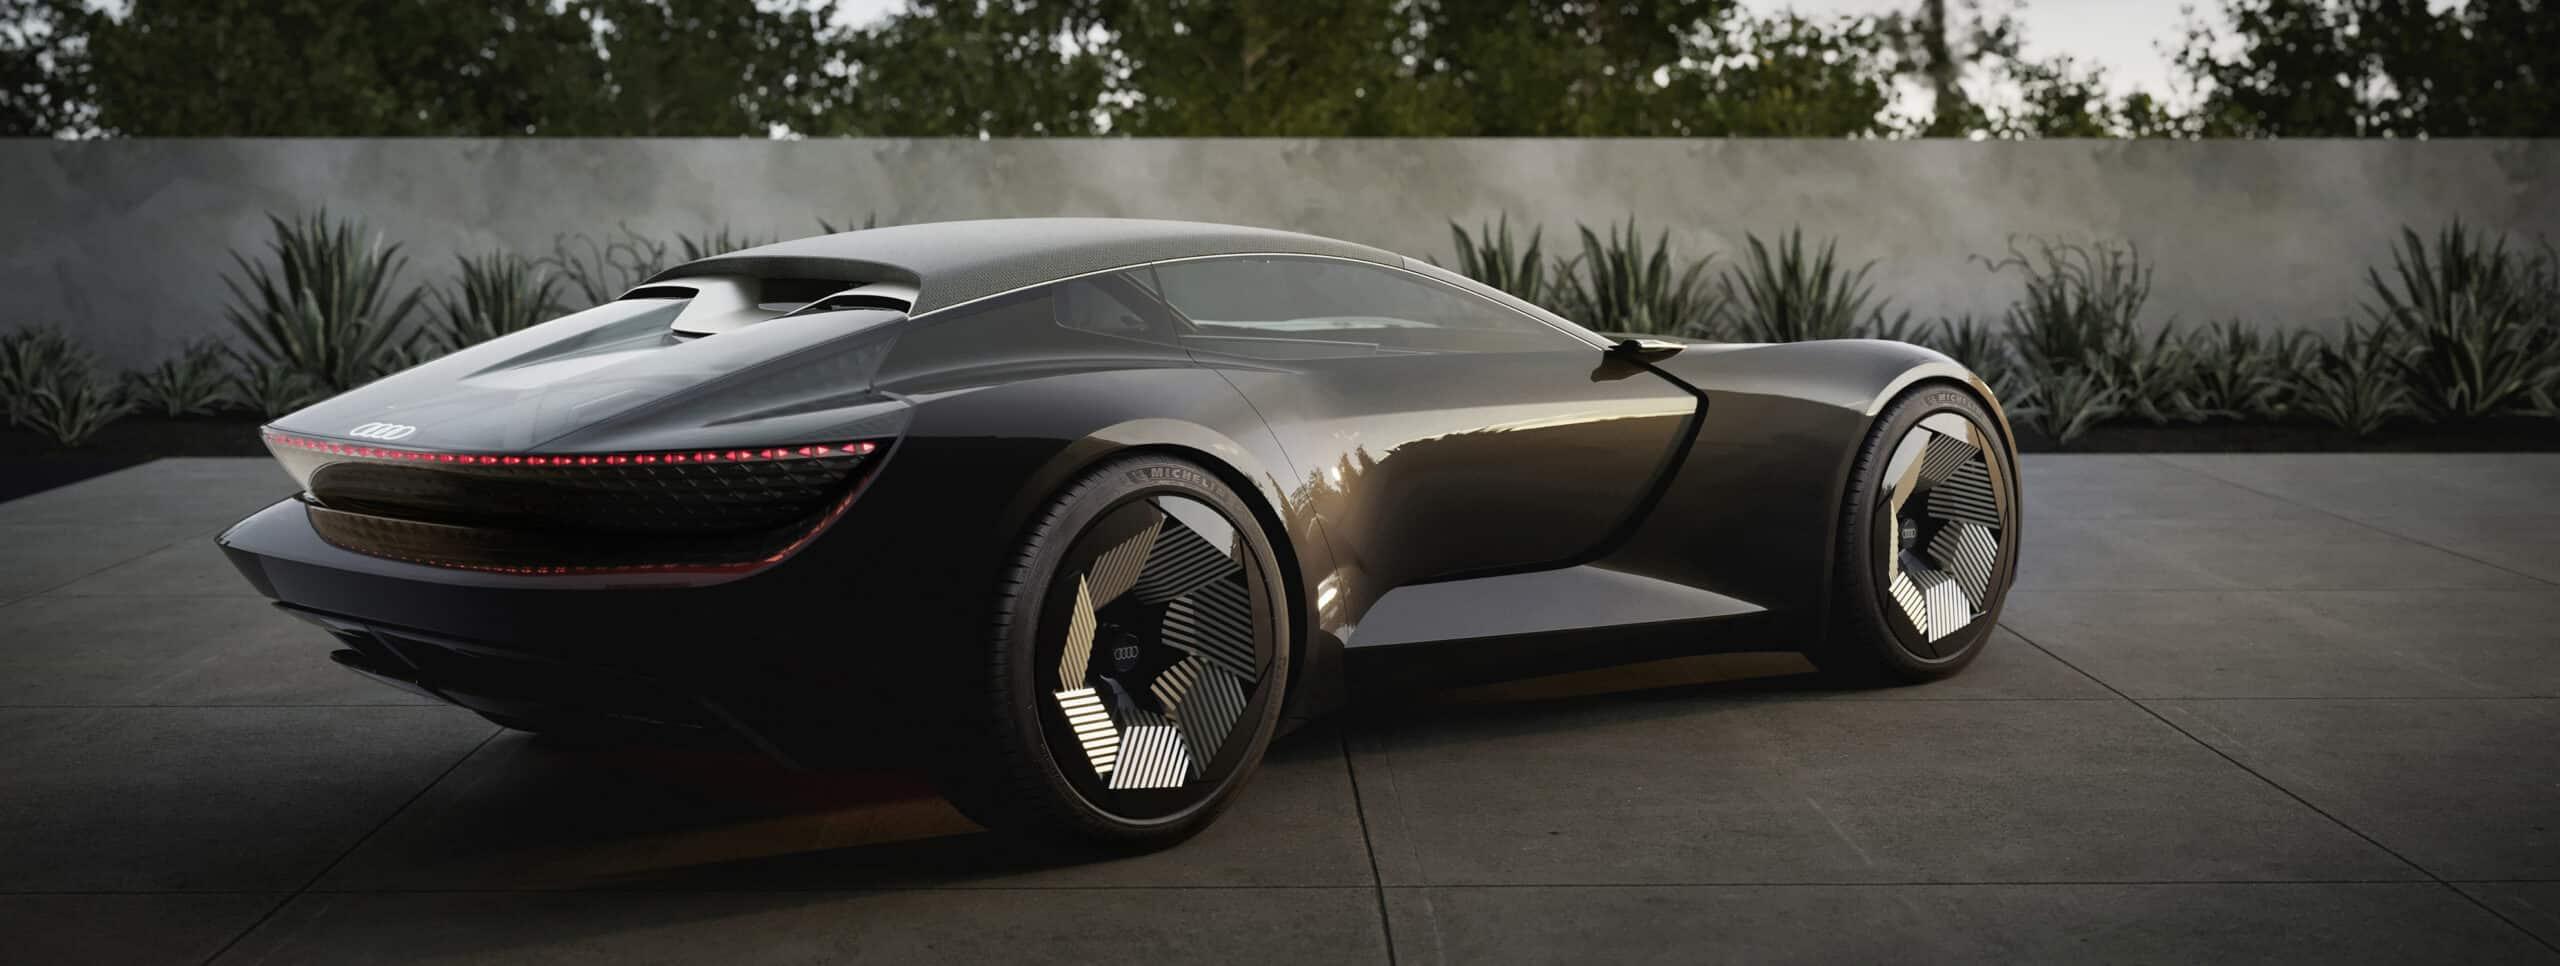 Audi Skysphere Concept, un roadster autónomo que cambia de forma